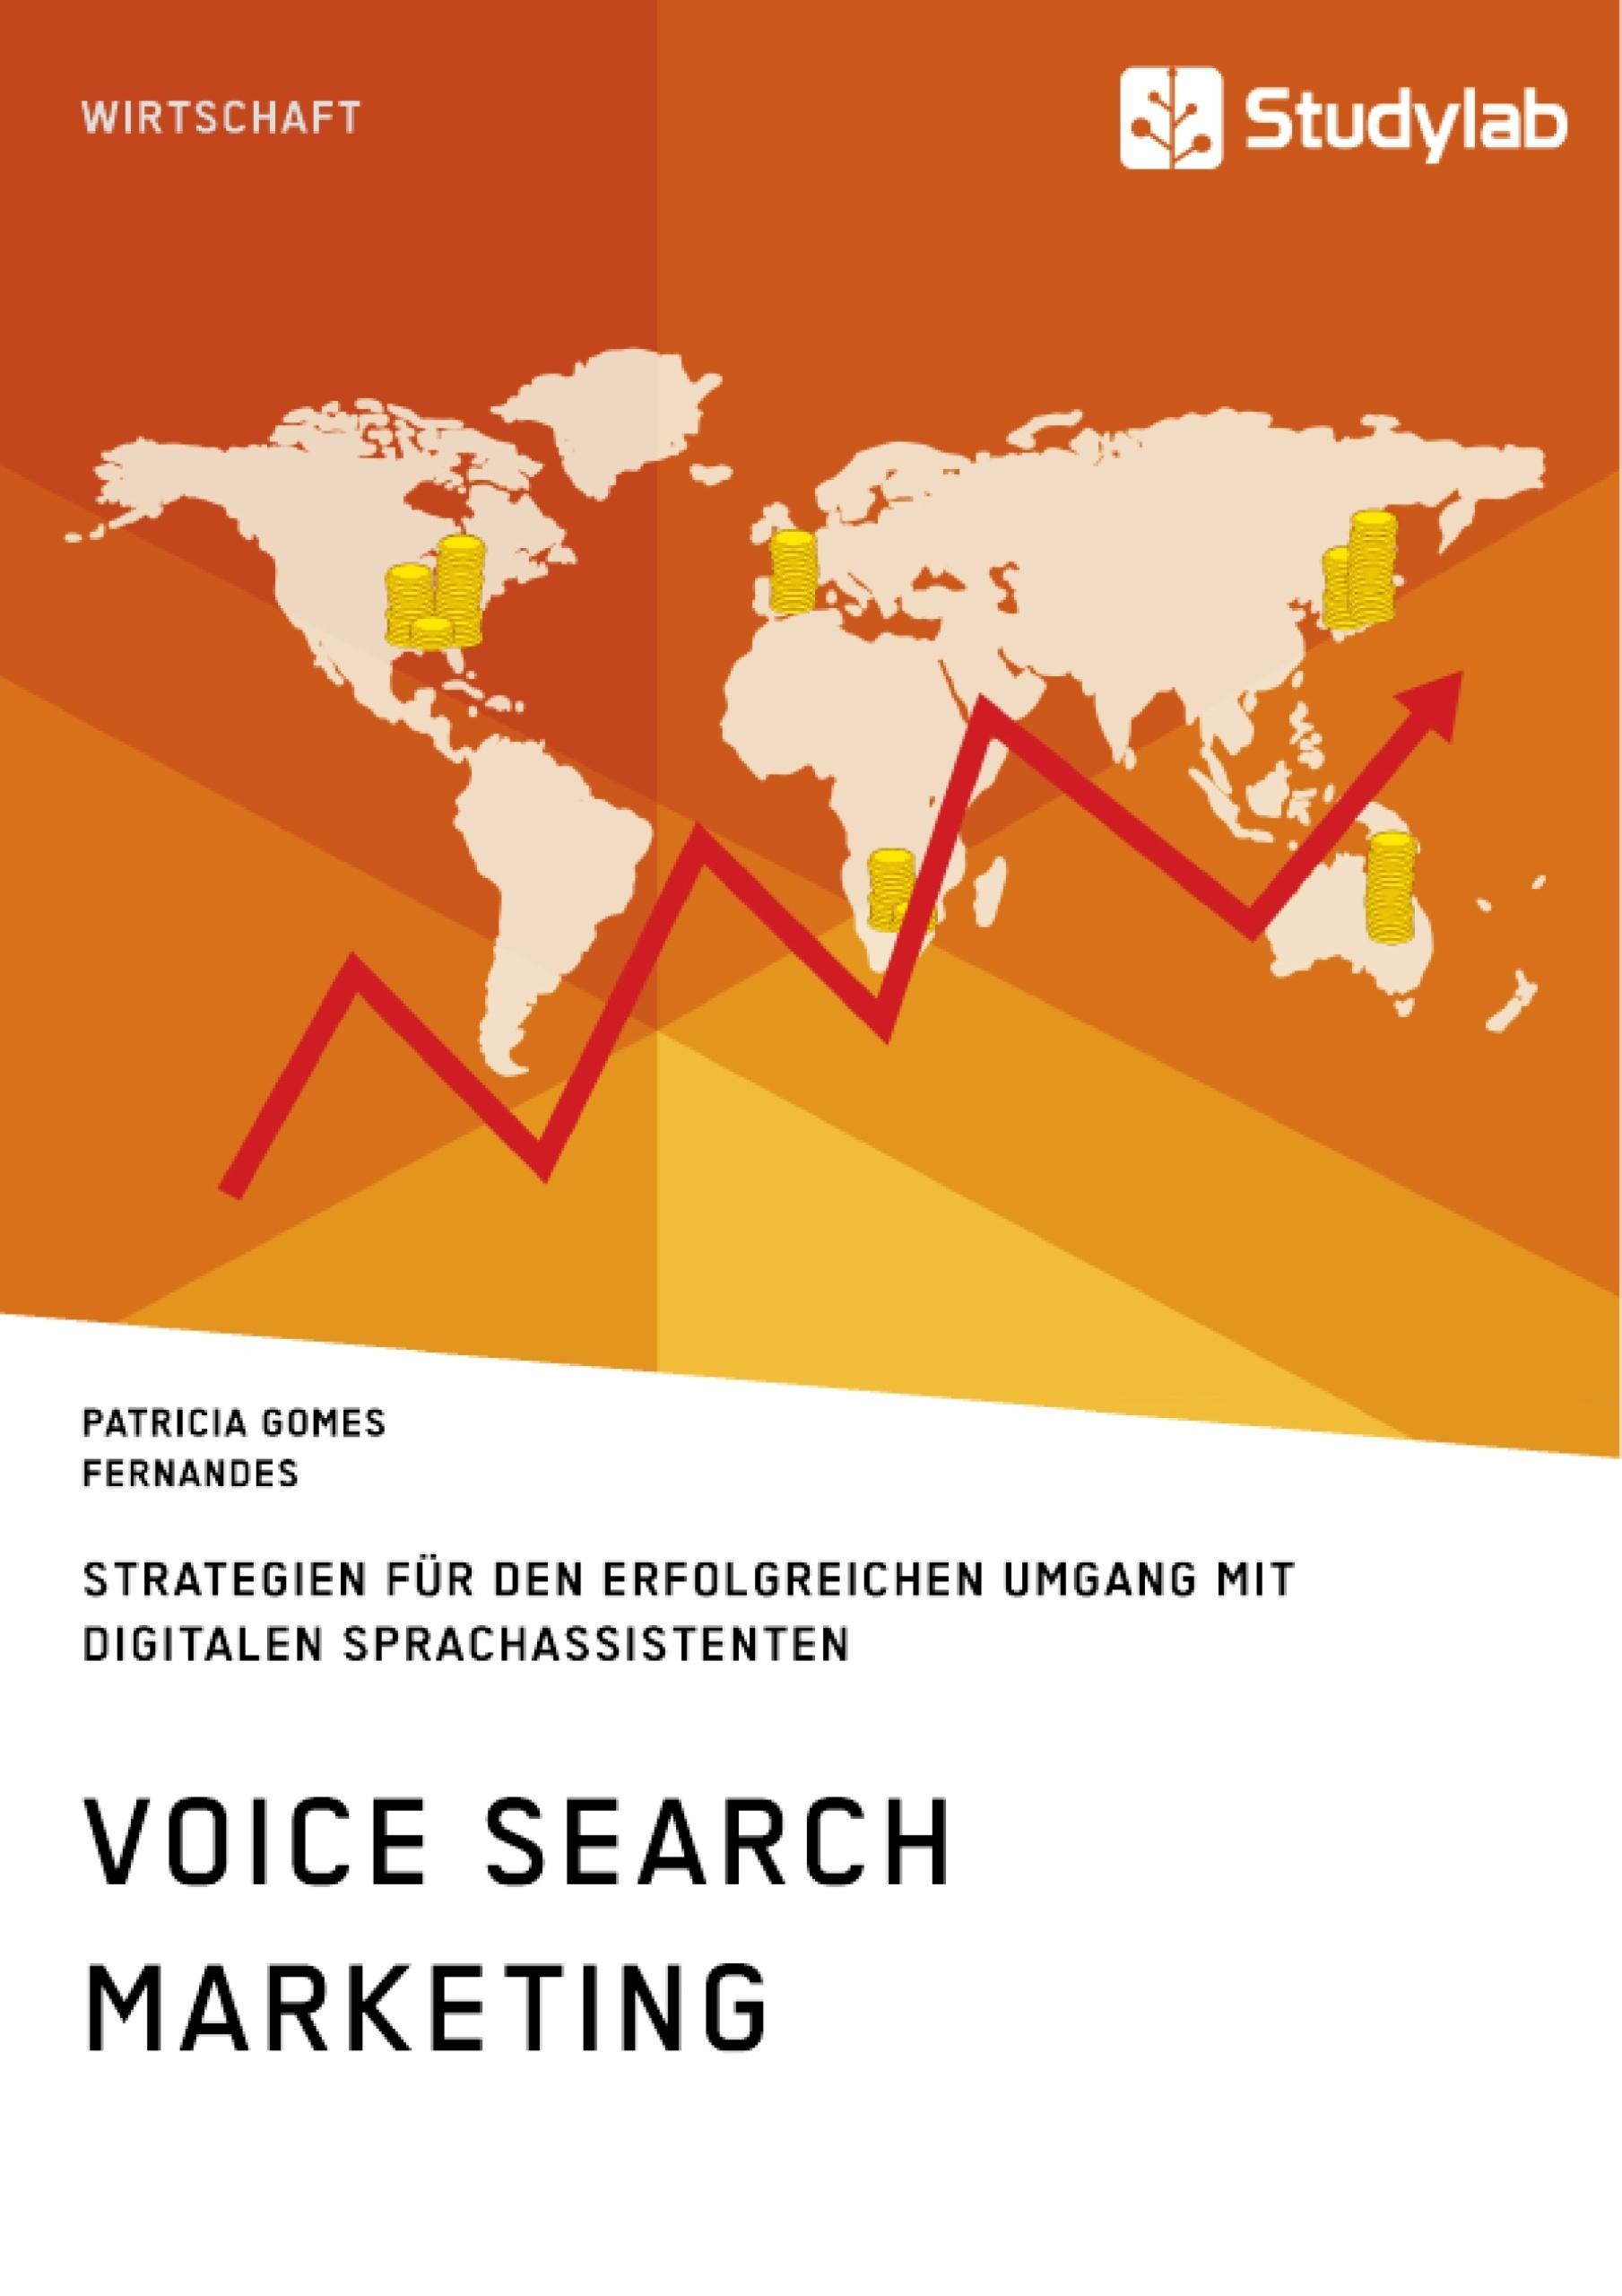 Titel: Voice Search Marketing. Strategien für den erfolgreichen Umgang mit digitalen Sprachassistenten